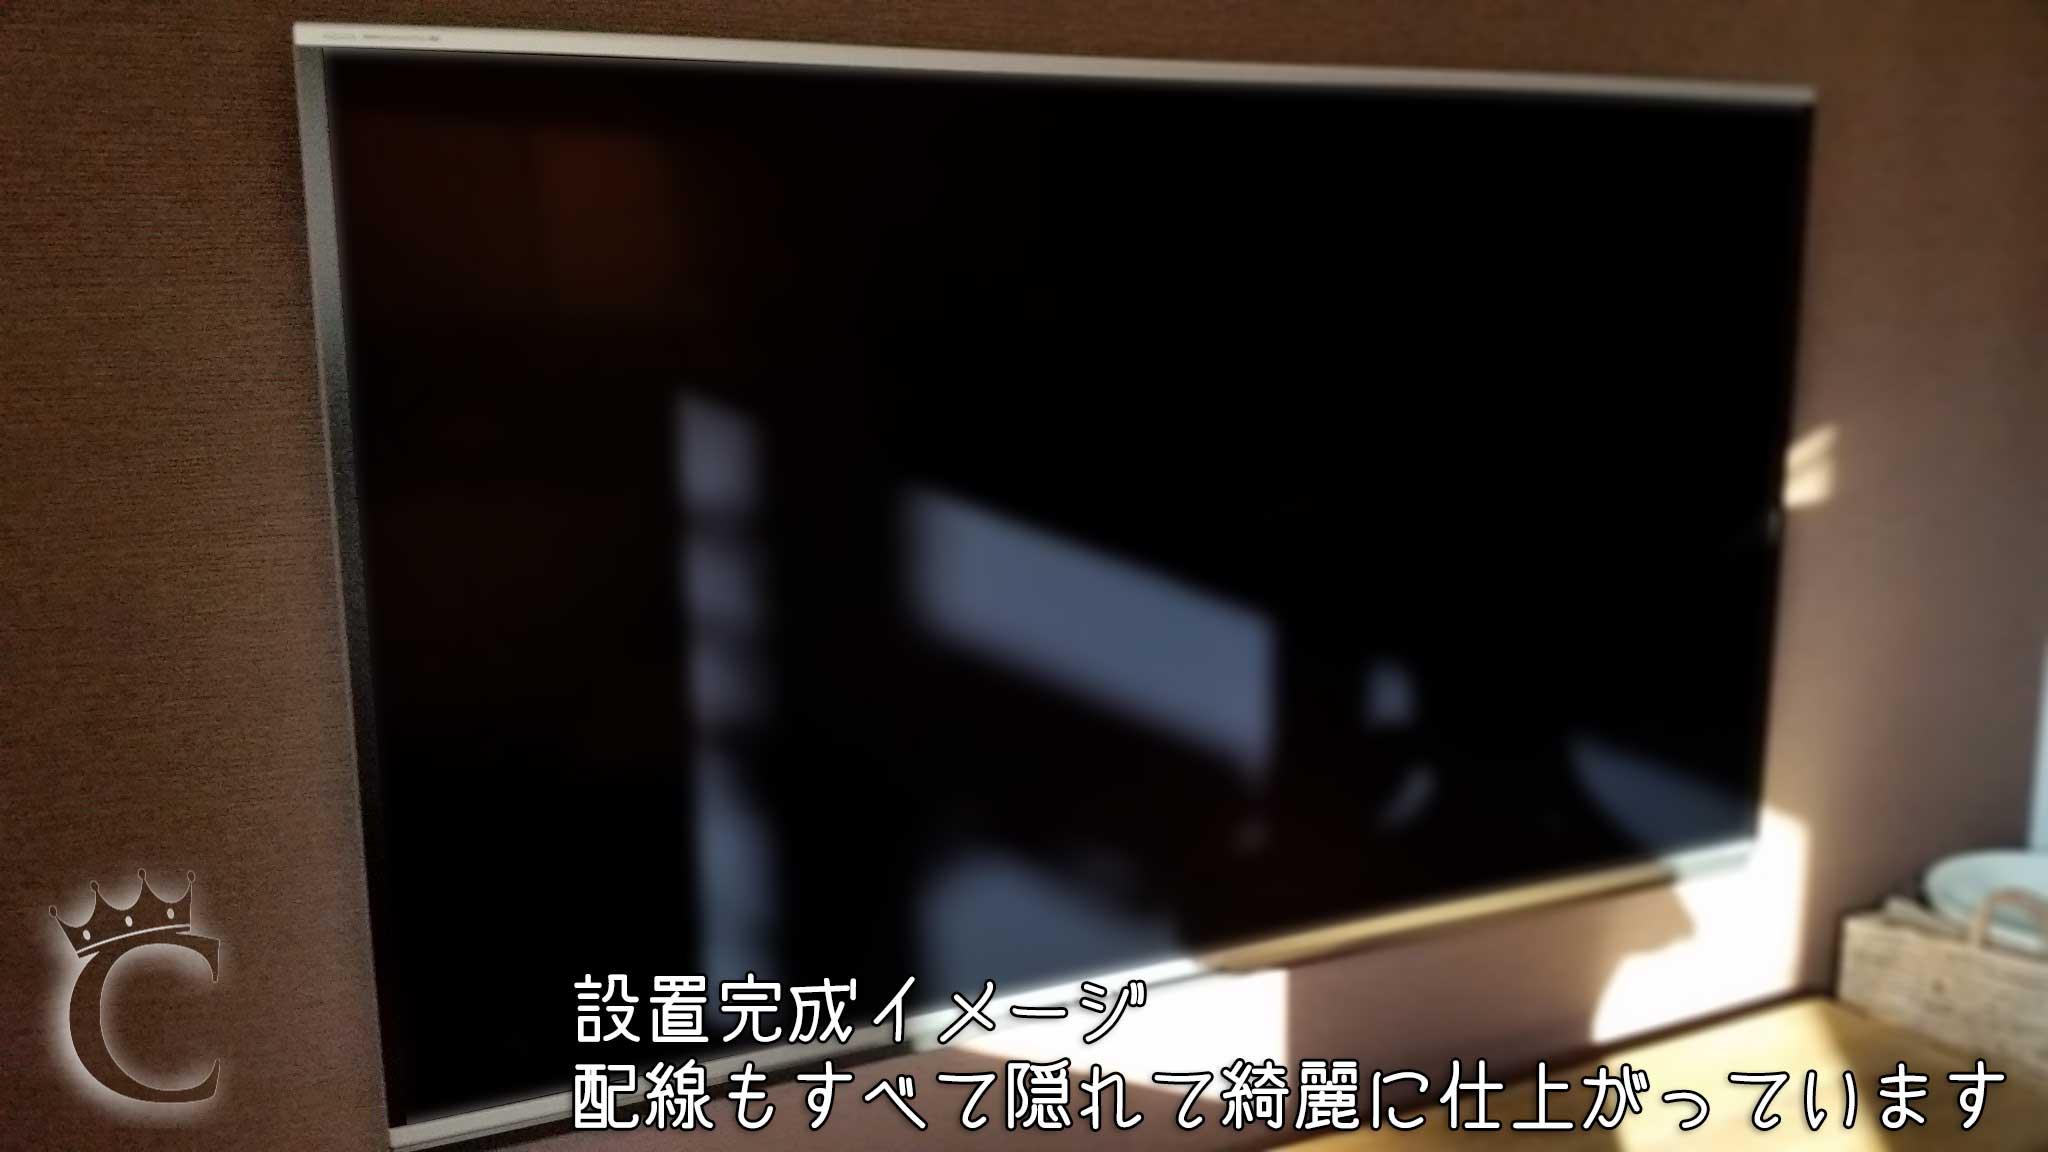 設置したテレビはとてもすっきりしています